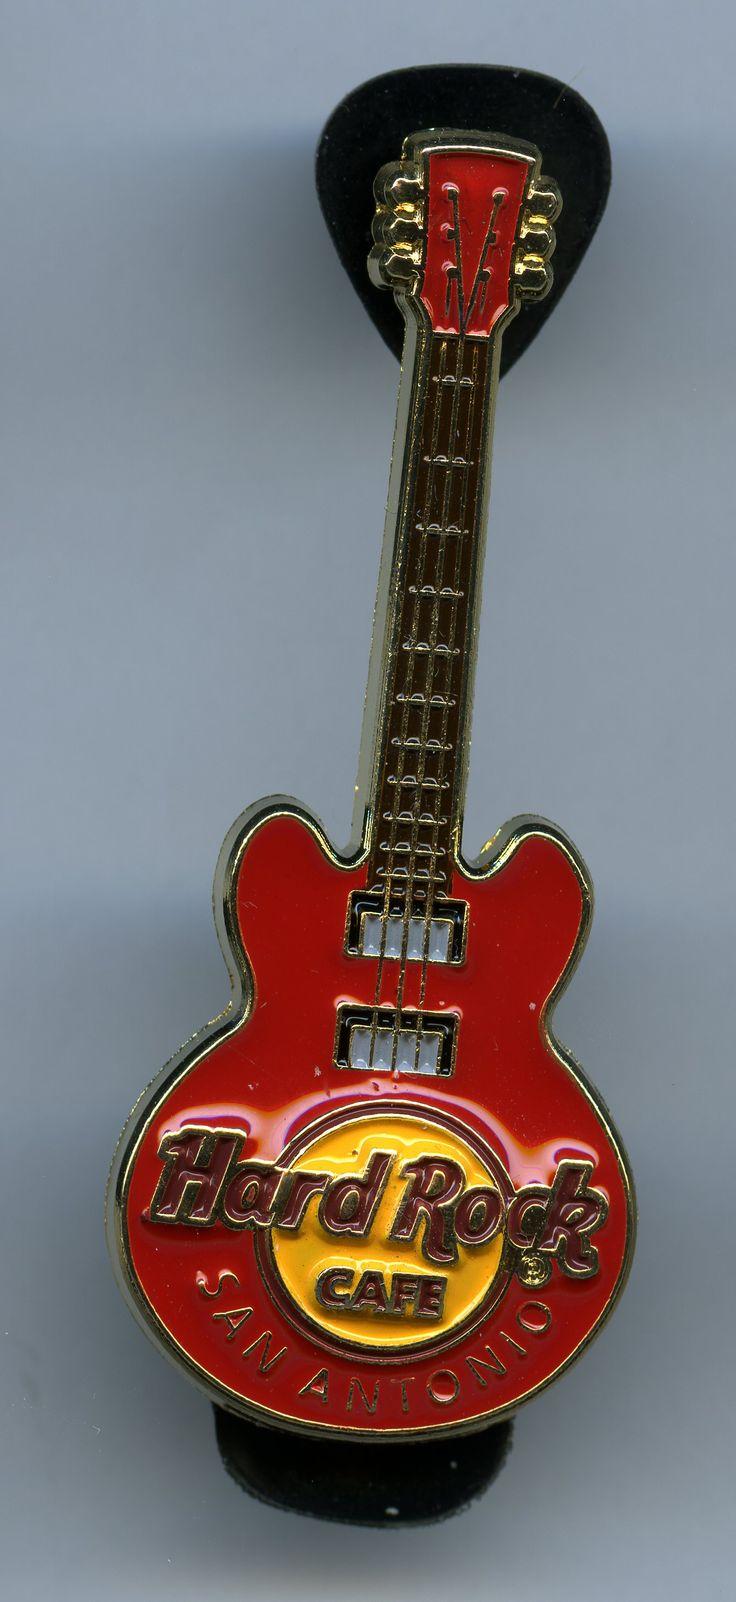 29 best yokohama hard rock cafe guitar pins images on pinterest. Black Bedroom Furniture Sets. Home Design Ideas